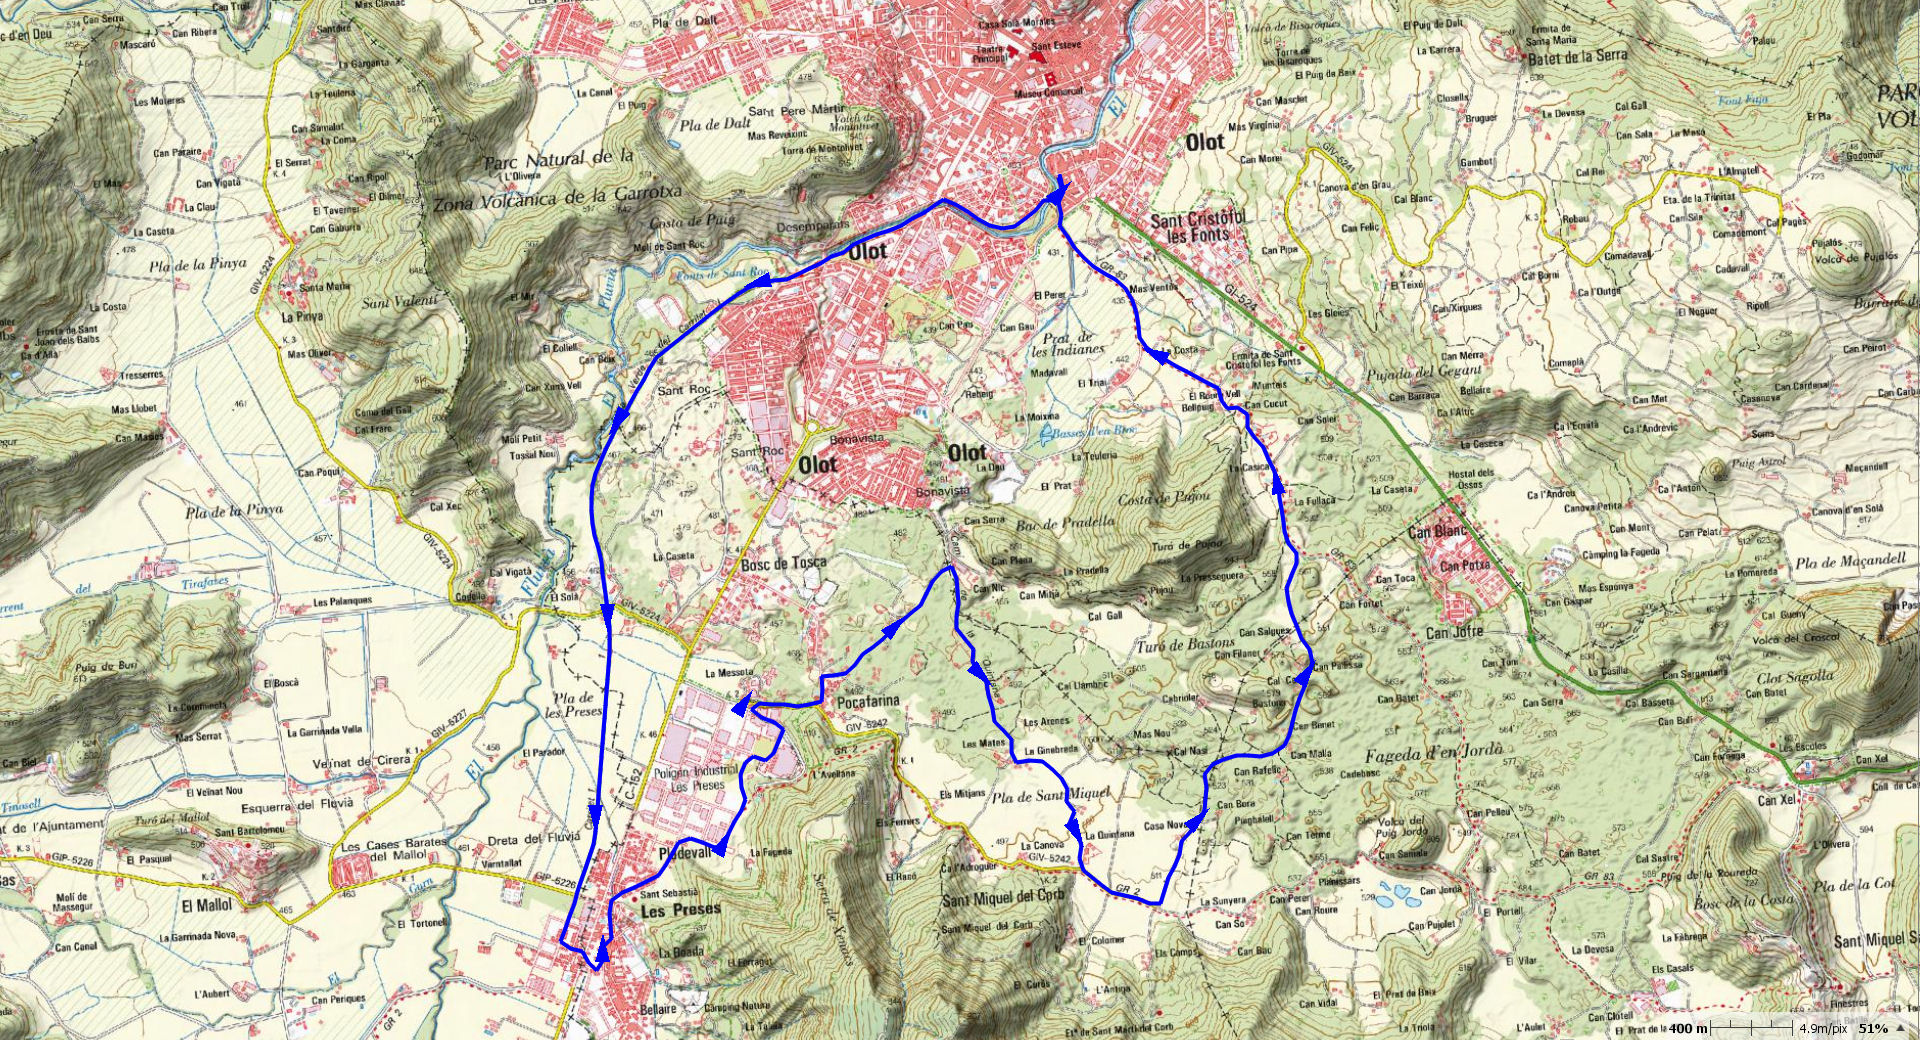 2016-11-25-rodando-garrotxa-2-map